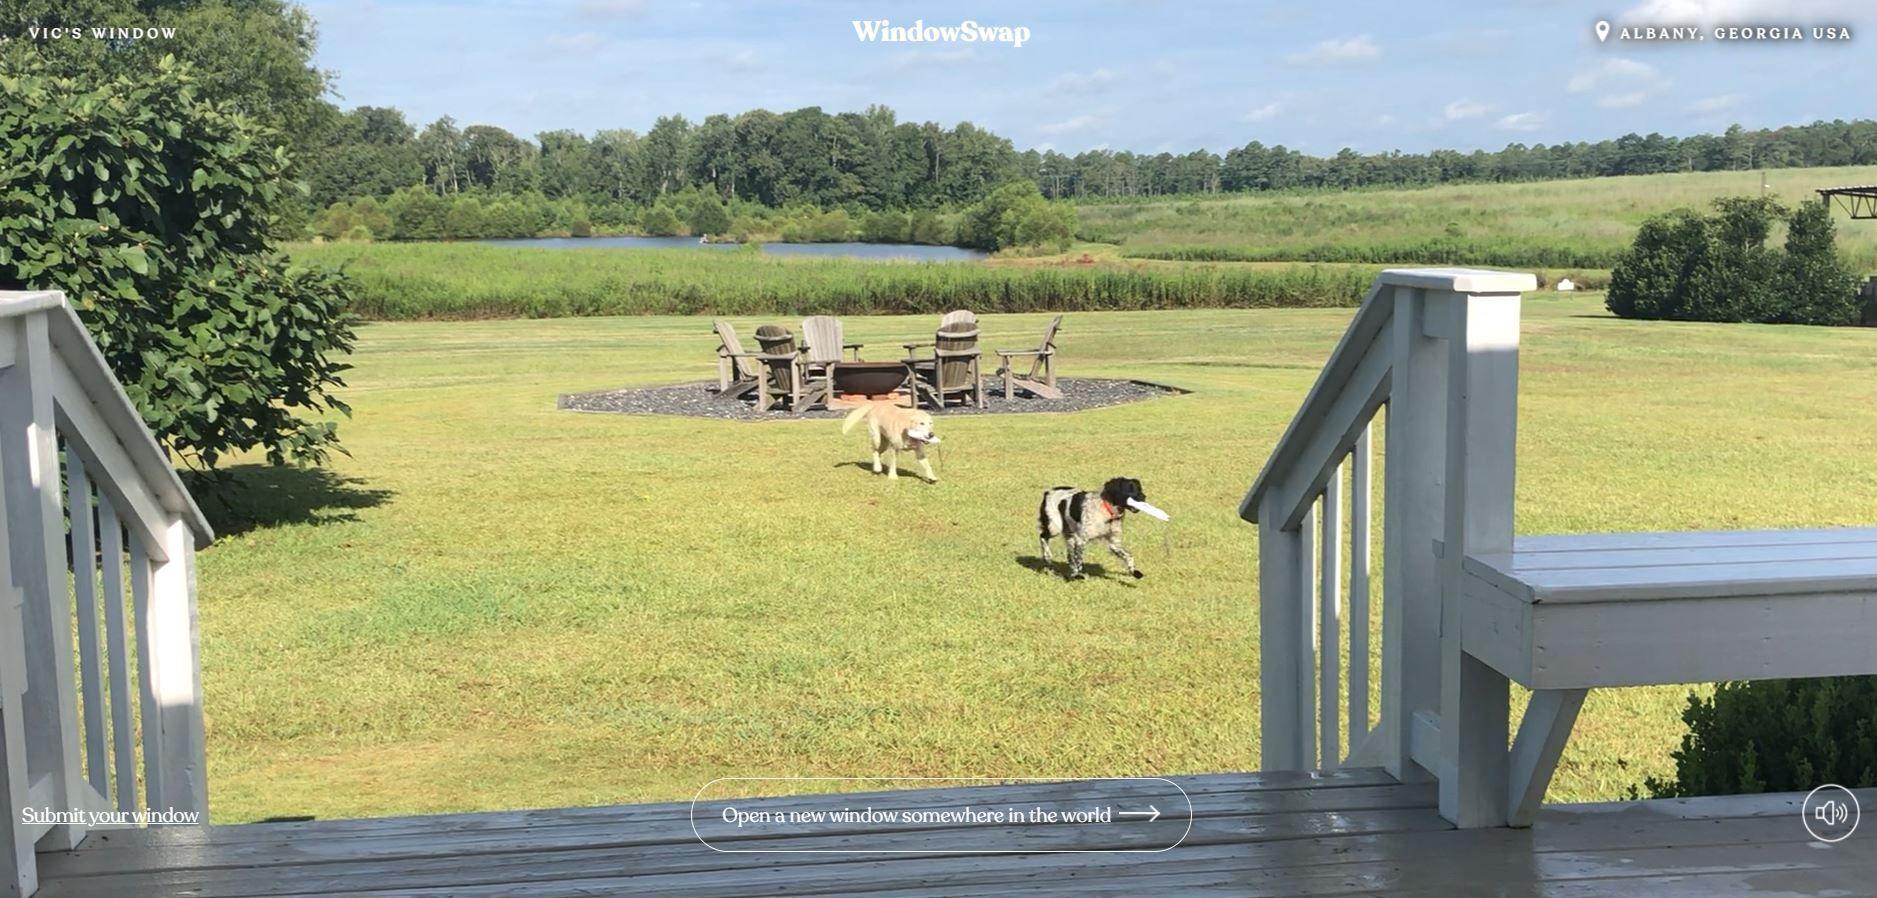 Στιγμιότυπο που δείχνει δύο σκυλιά να παίζουν στο γρασίδι από την εφαρμογή Window Swap